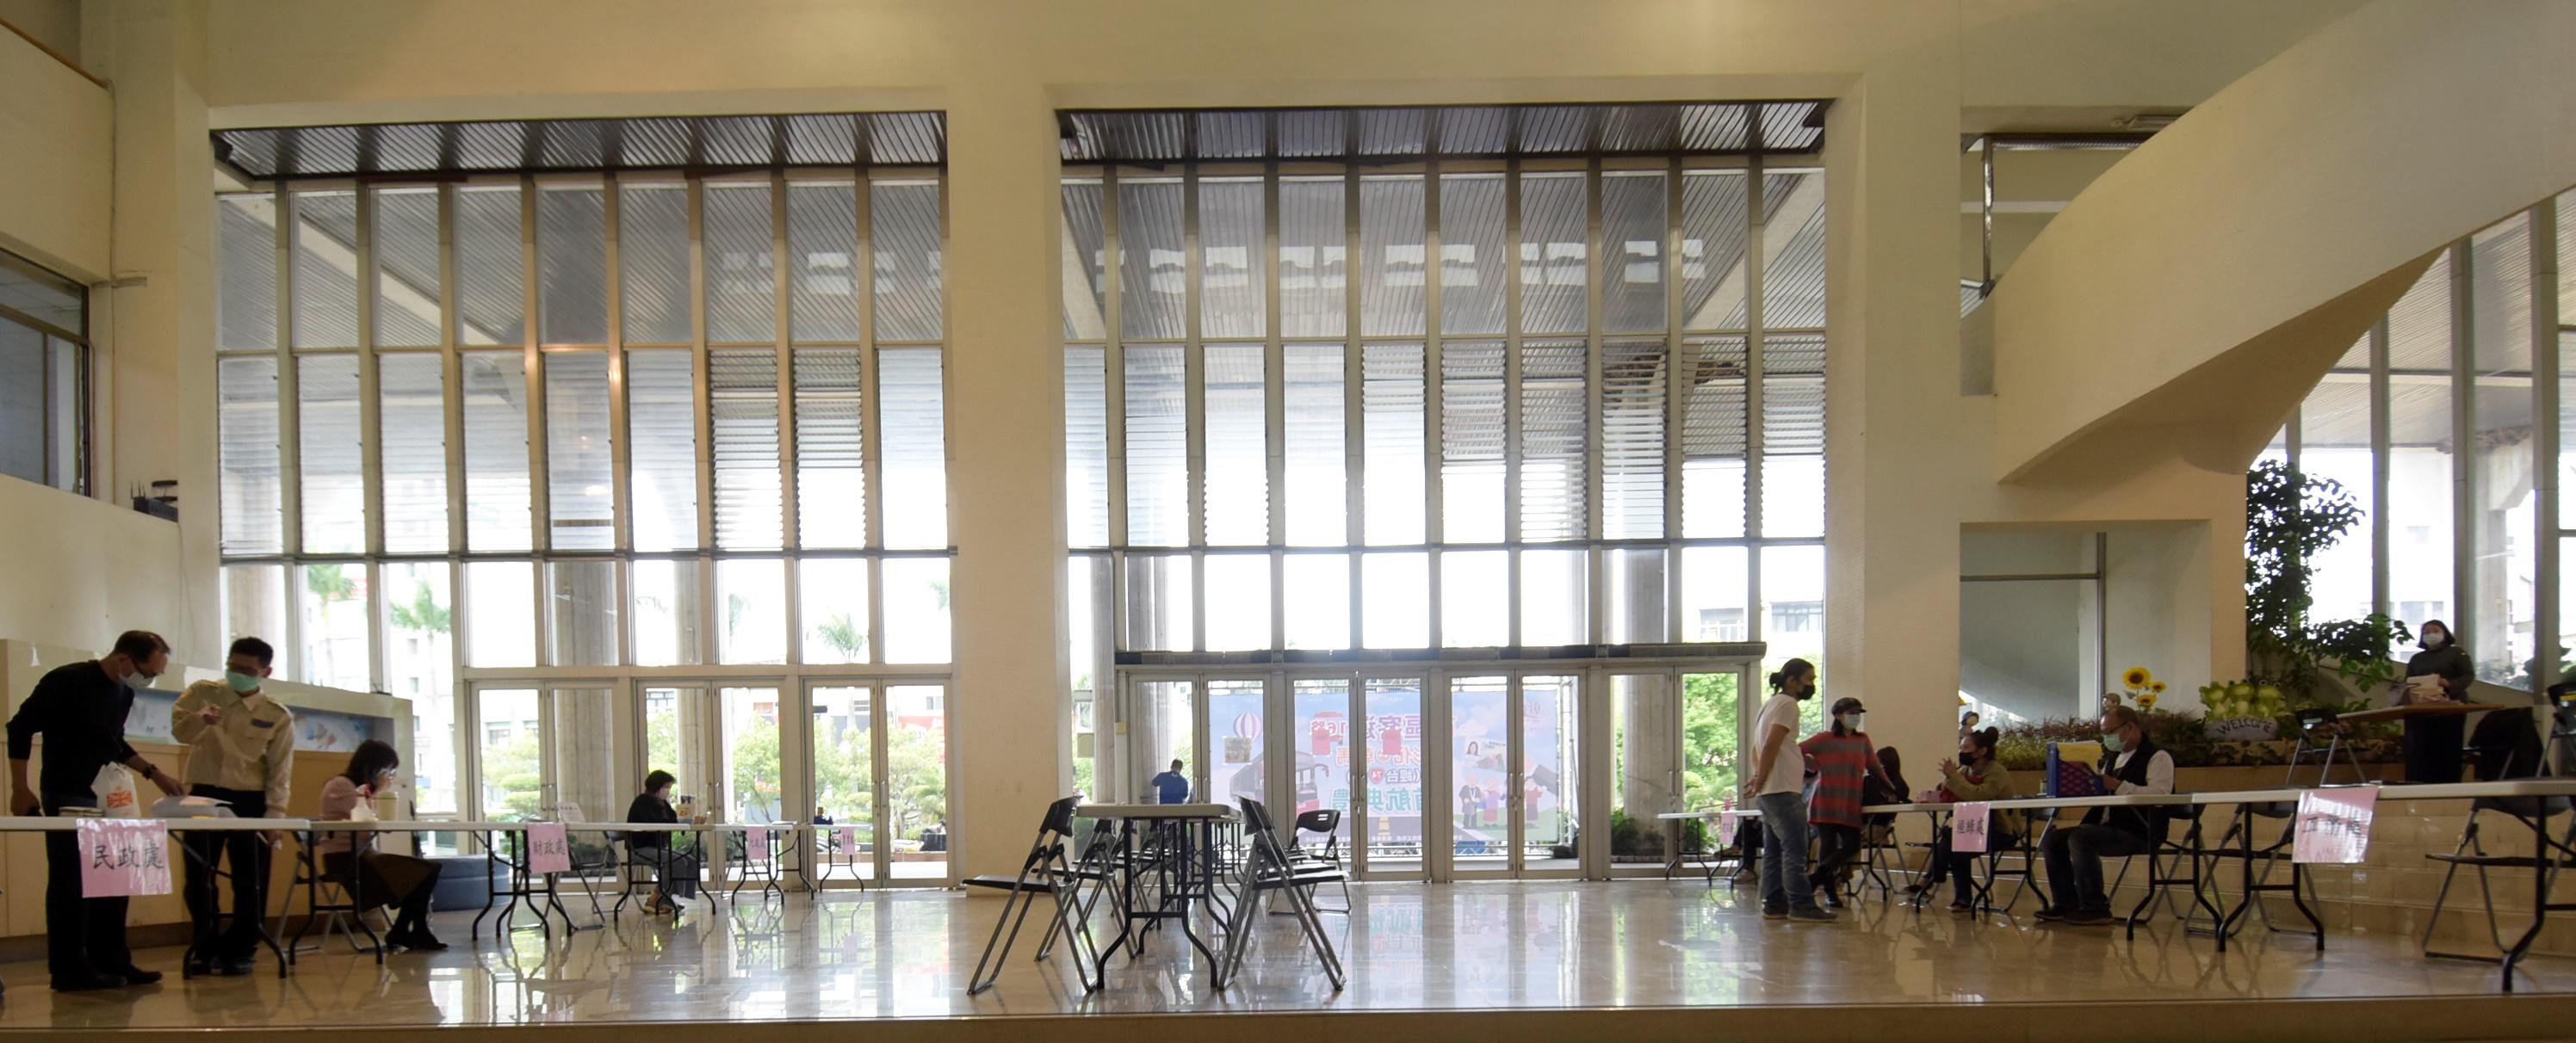 彰化縣政府啟動「免上來、我下去」加強防疫   7局處在縣府中庭設置單一窗口服務洽公民眾